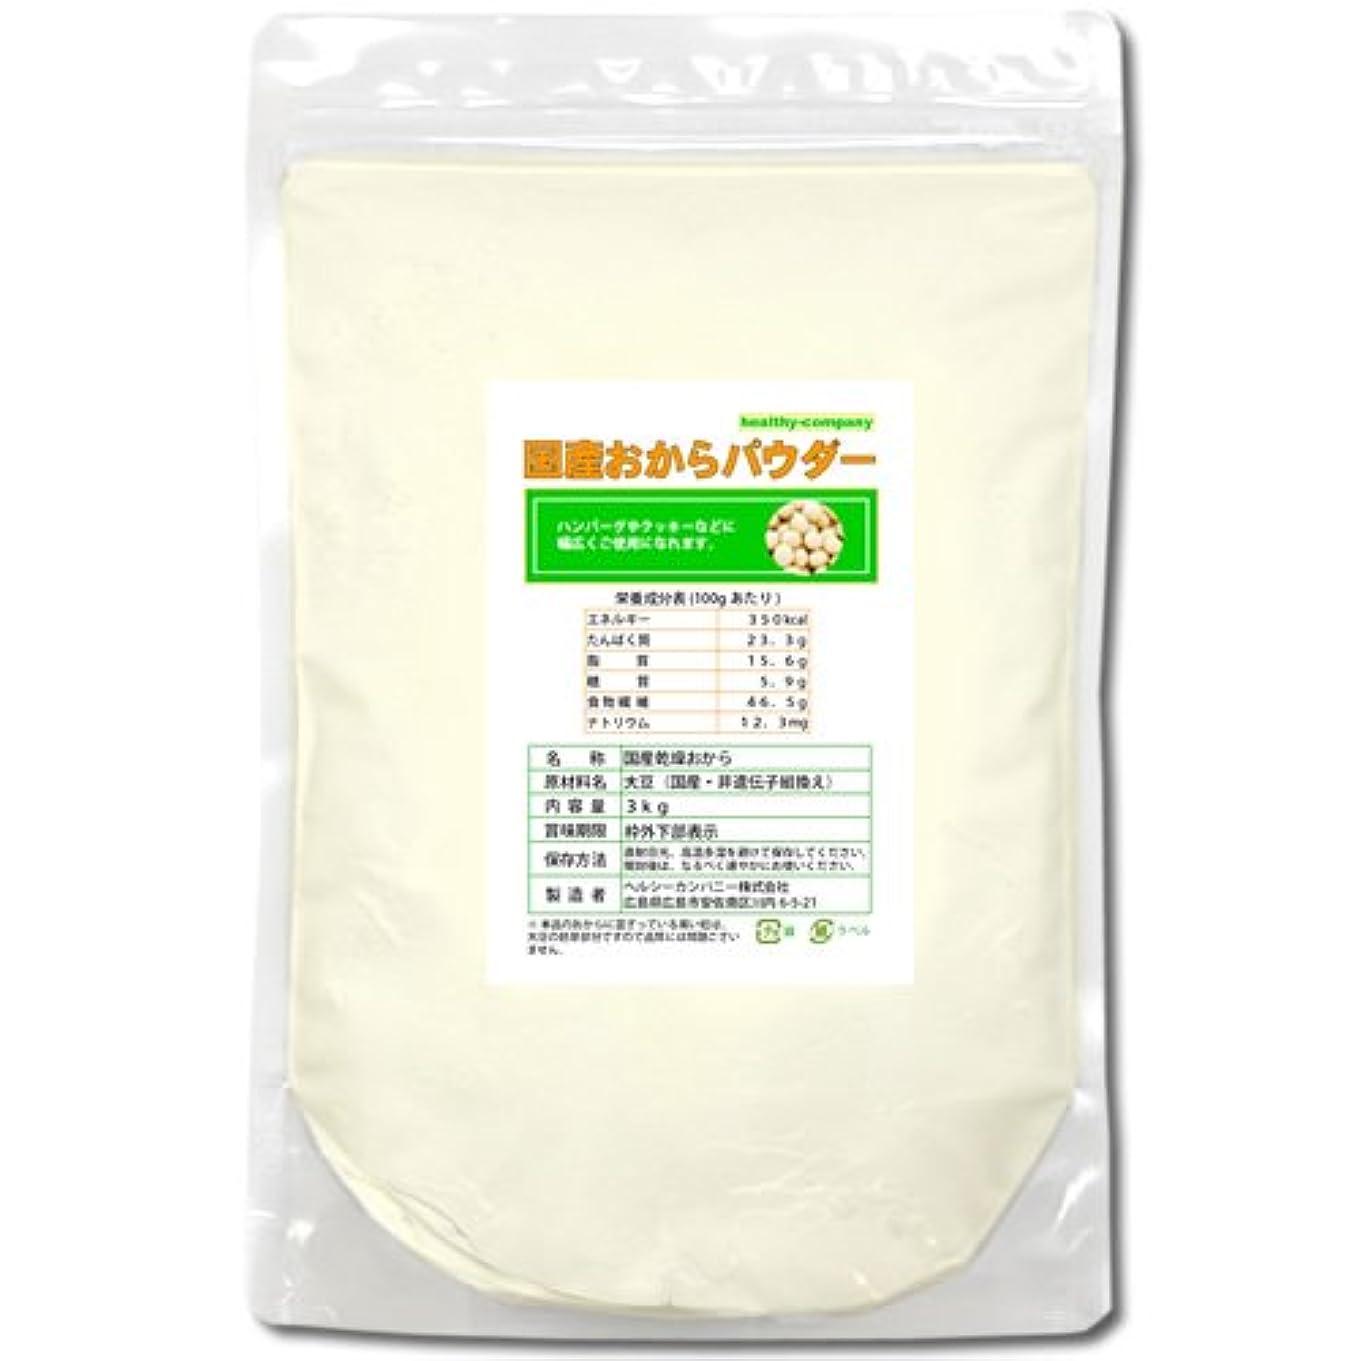 アスレチック発生するスクラップ国産大豆100%おからパウダー3kg(乾燥 粉末 ヘルシーカンパニー)